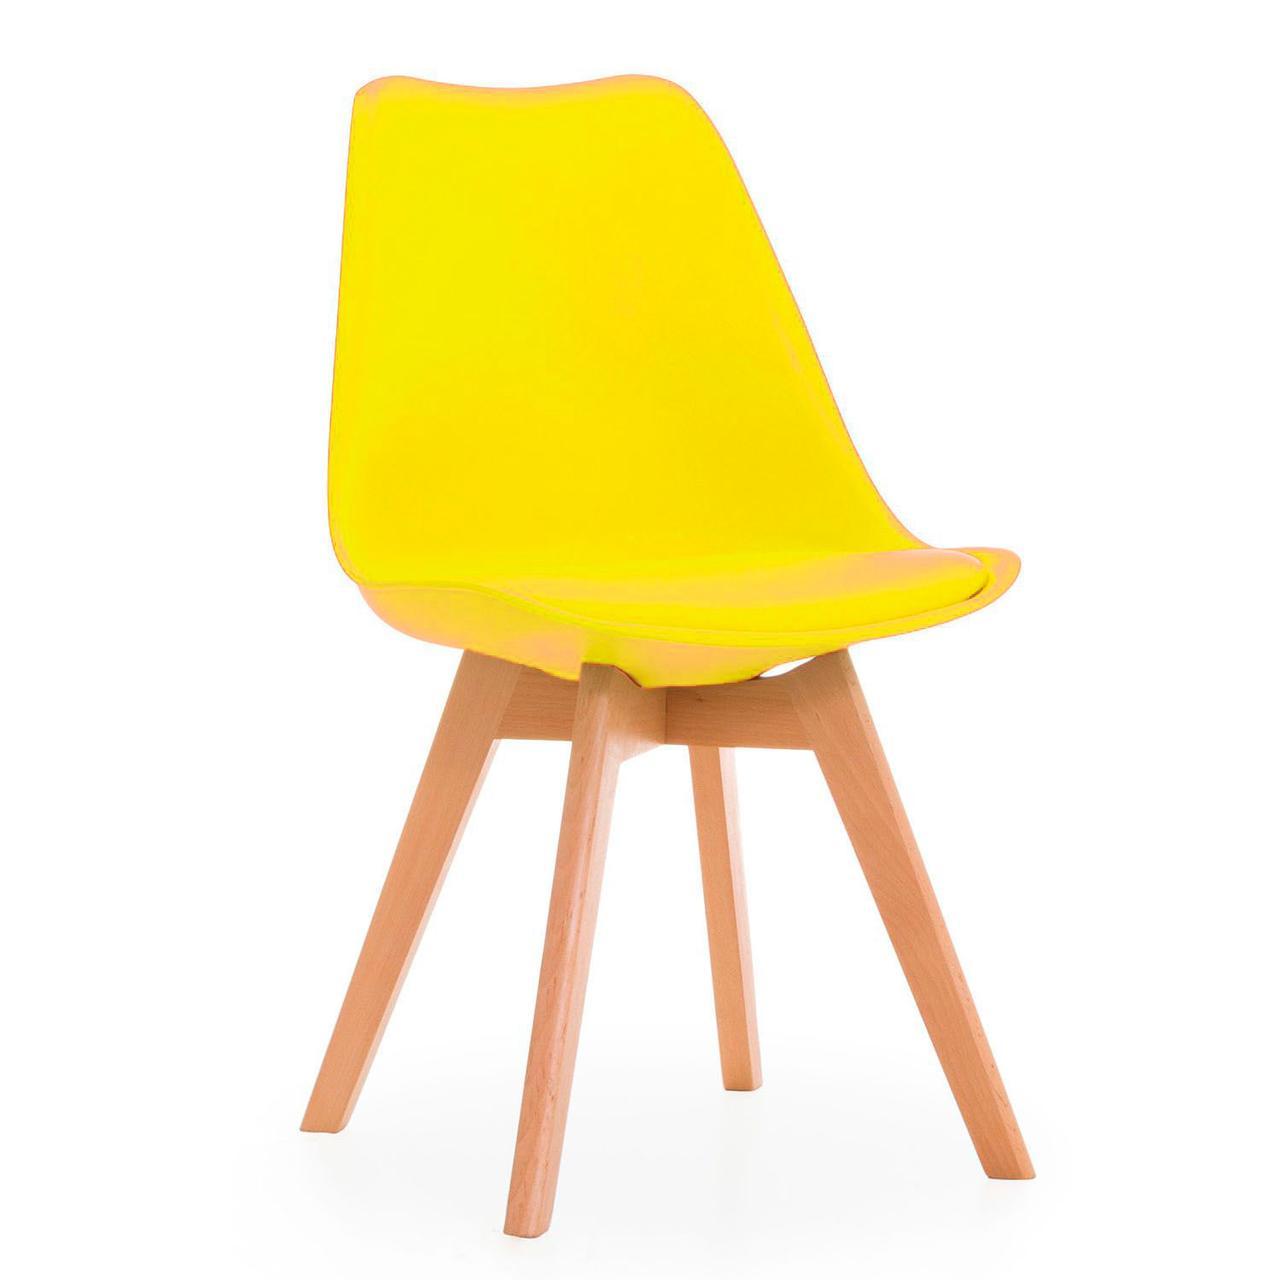 Стілець барний Тор SDM, пластиковий з подушкою кожзам, ніжки дерево бук, колір жовтий